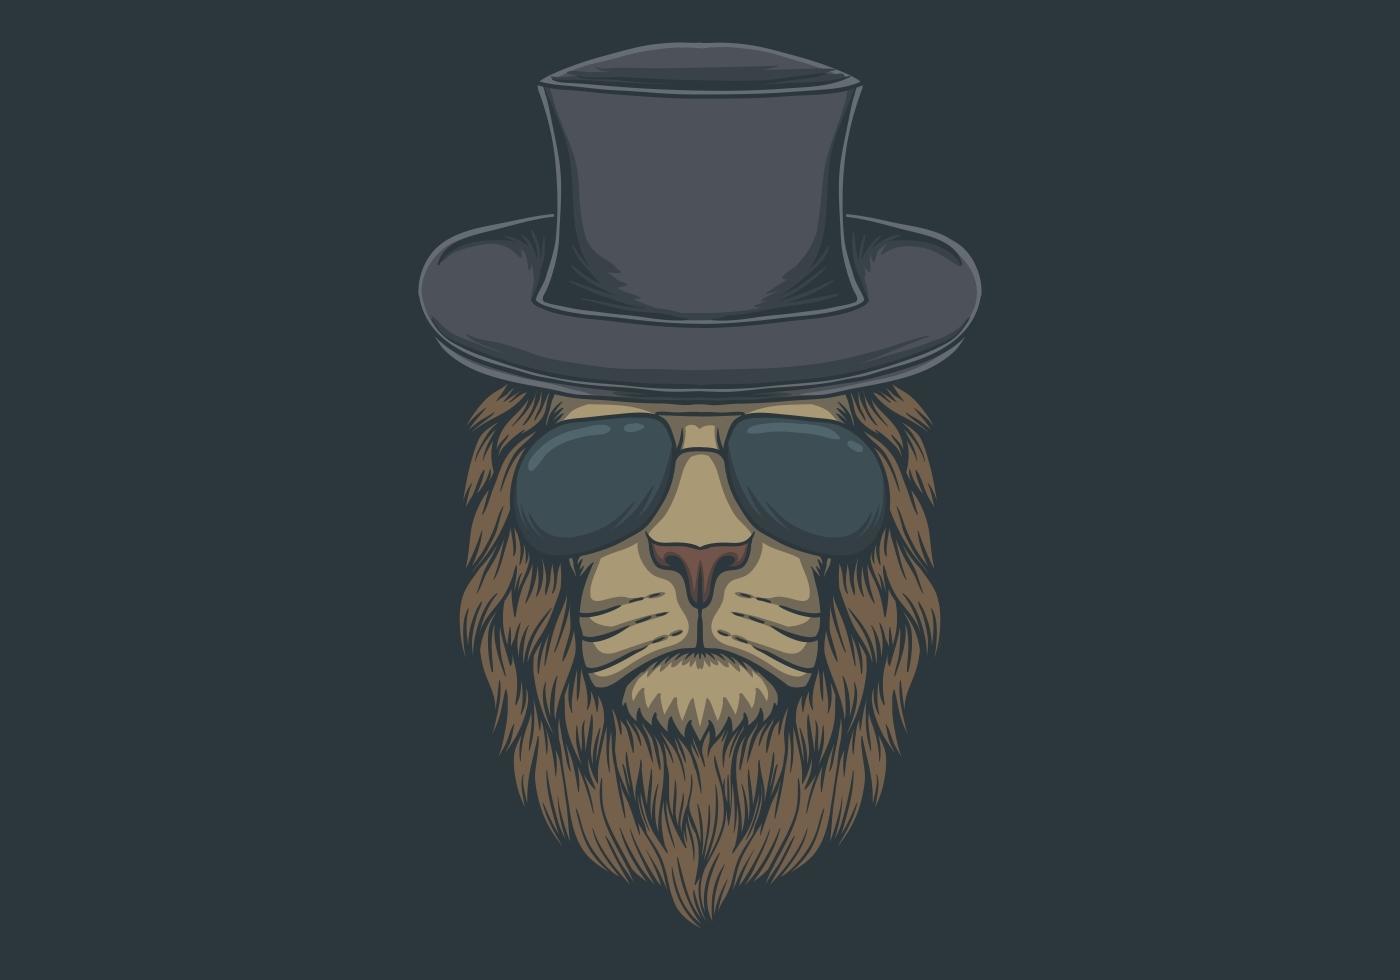 cabeza de león con ilustración de anteojos vector